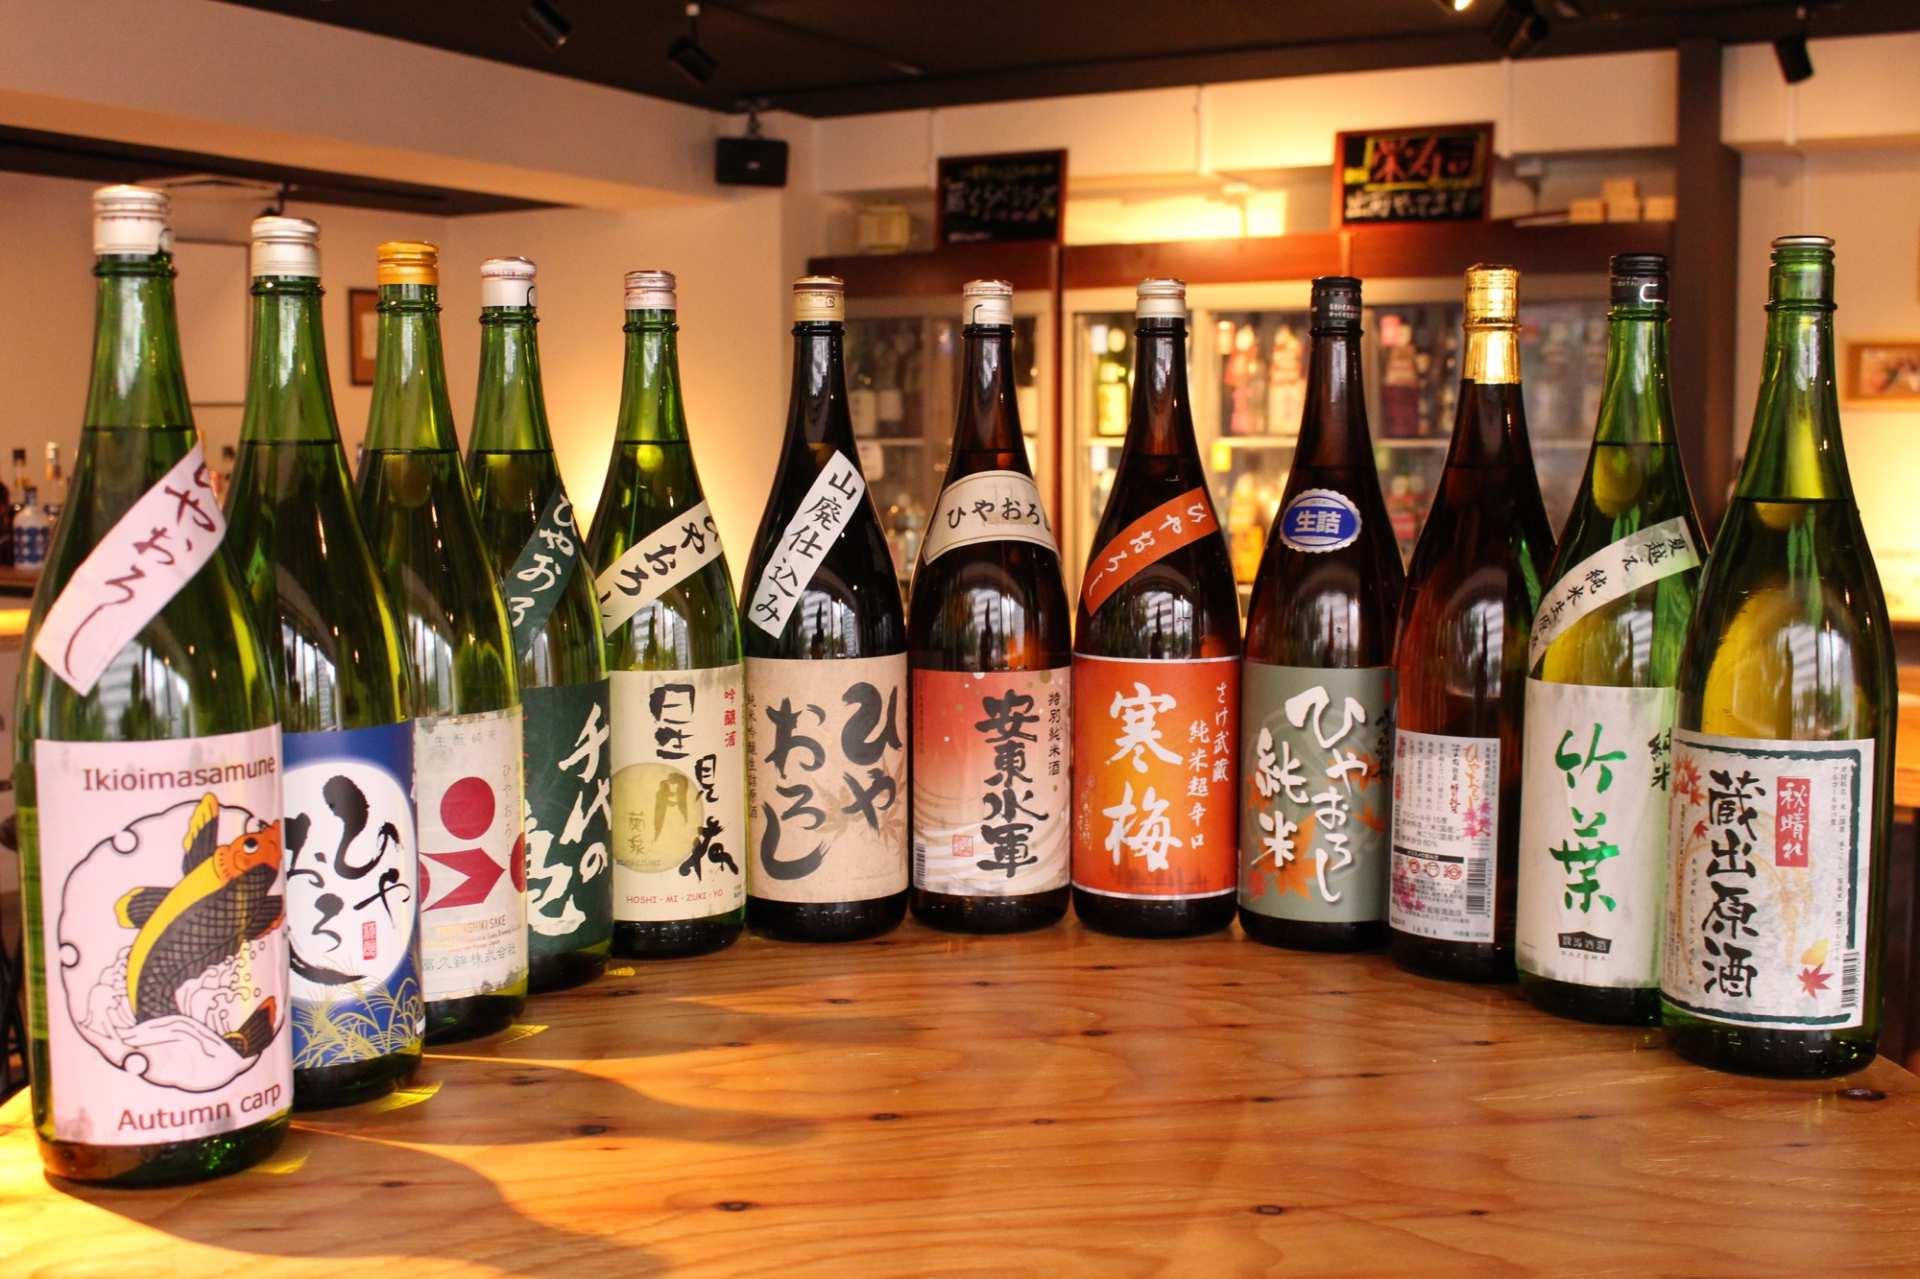 【東京夜生活】KURAND Sake Market 精選百種清酒暢飲